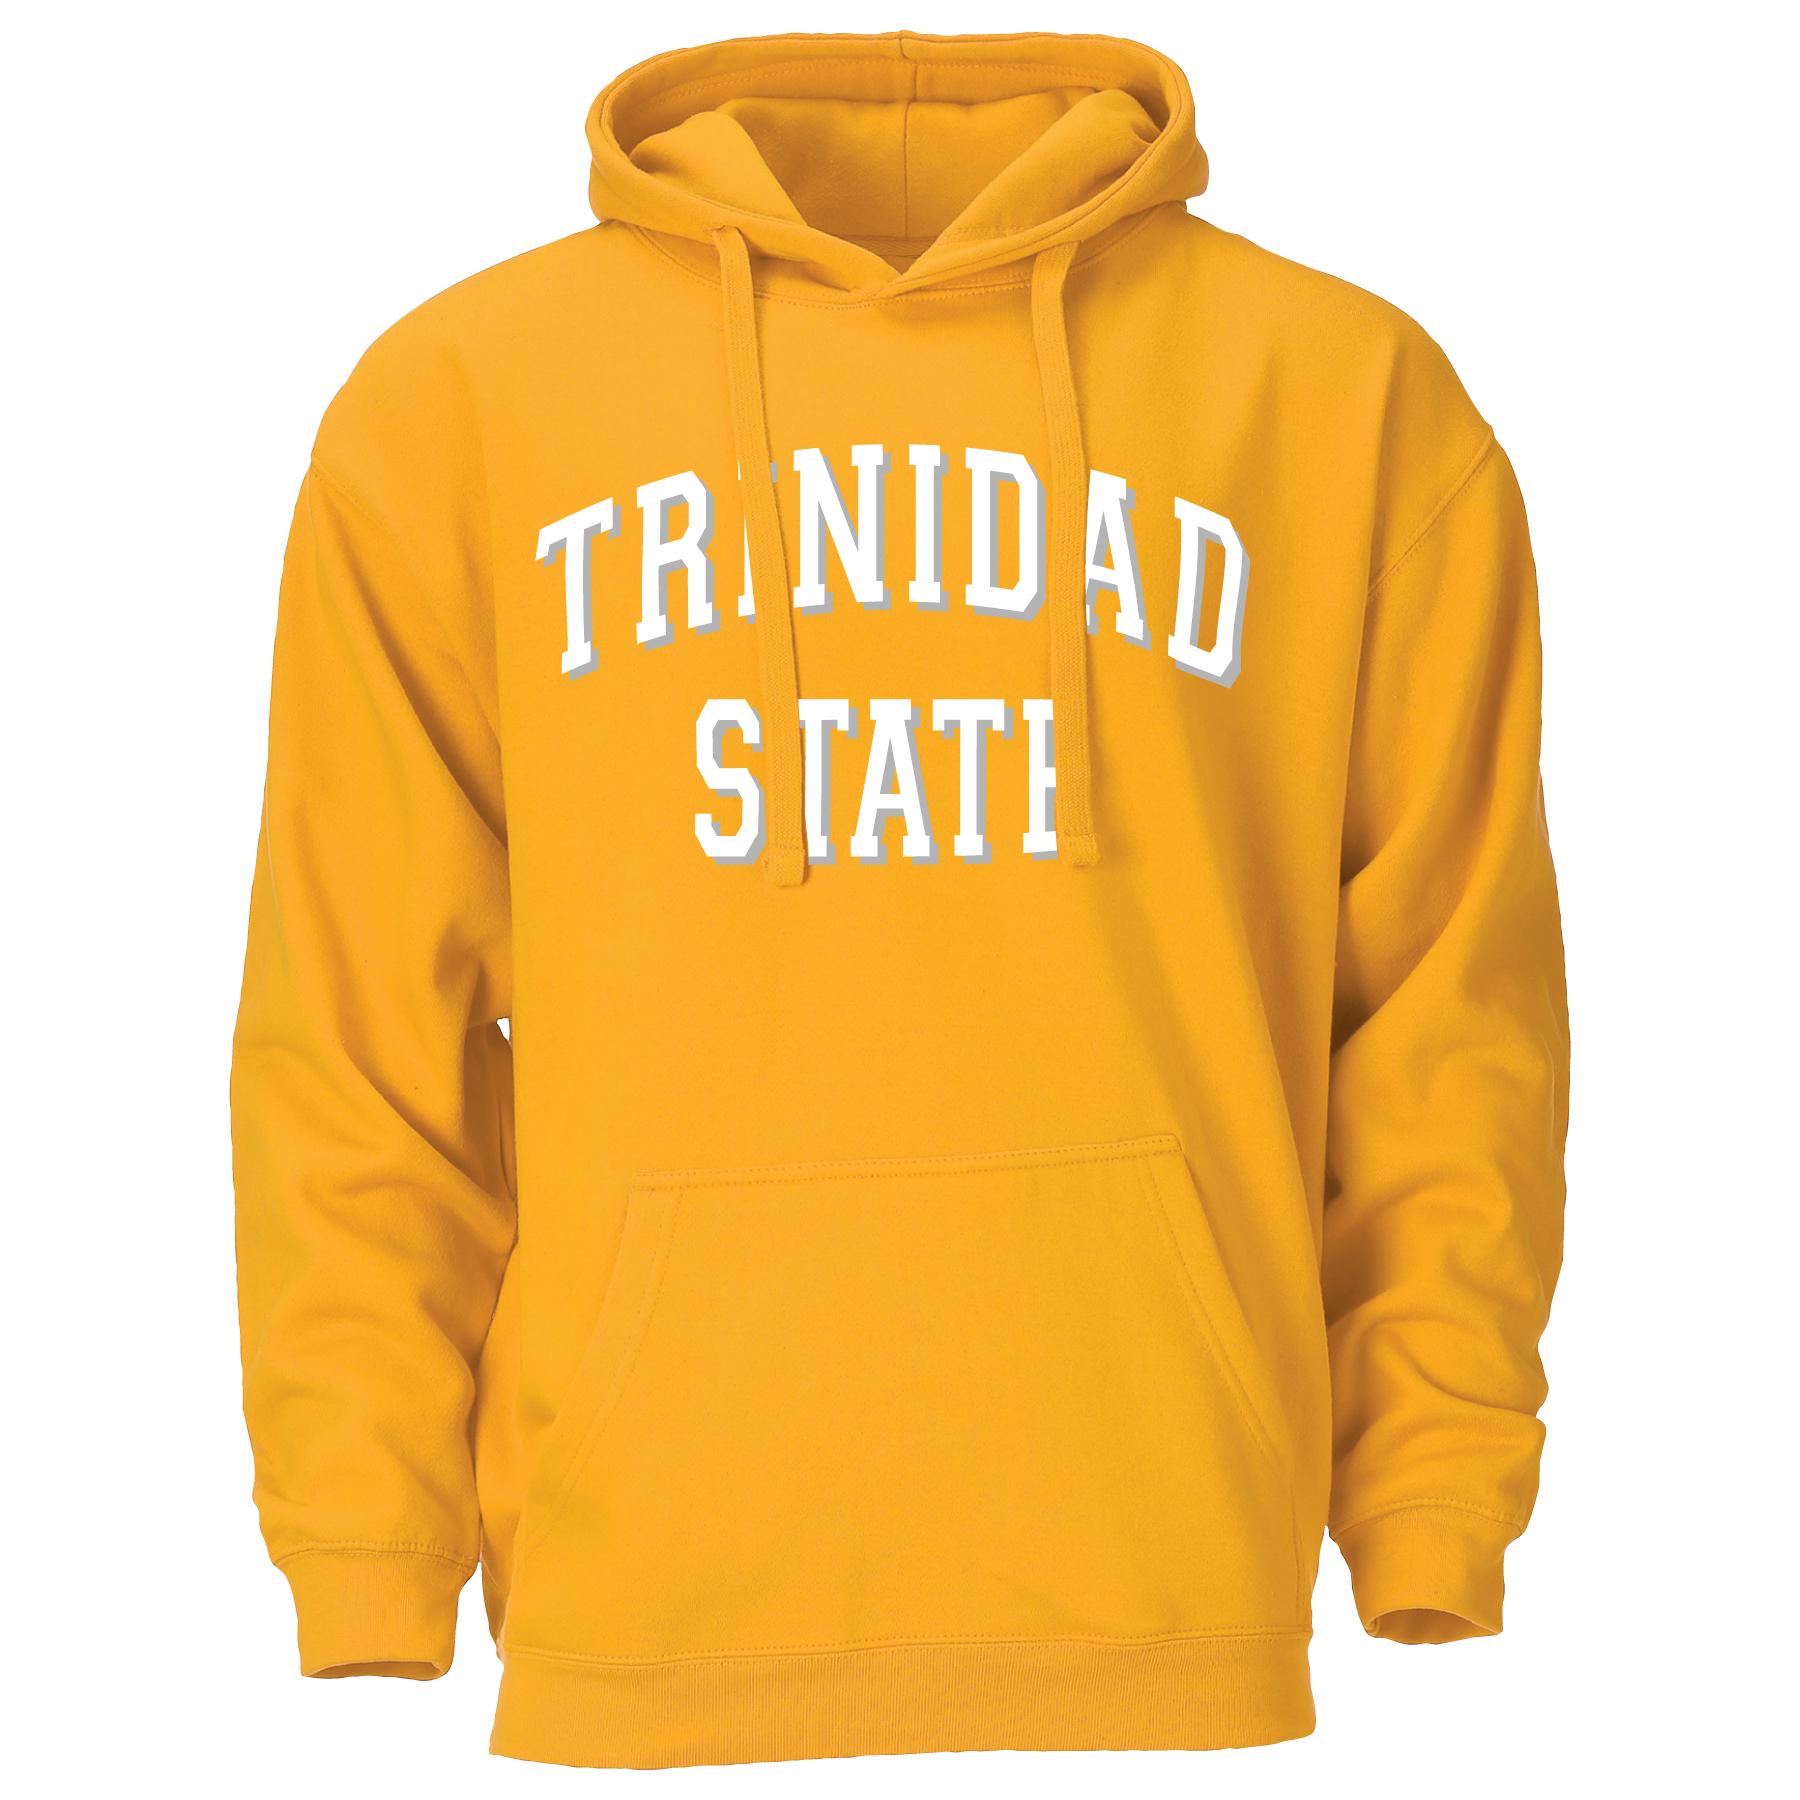 Trinidad State Hood